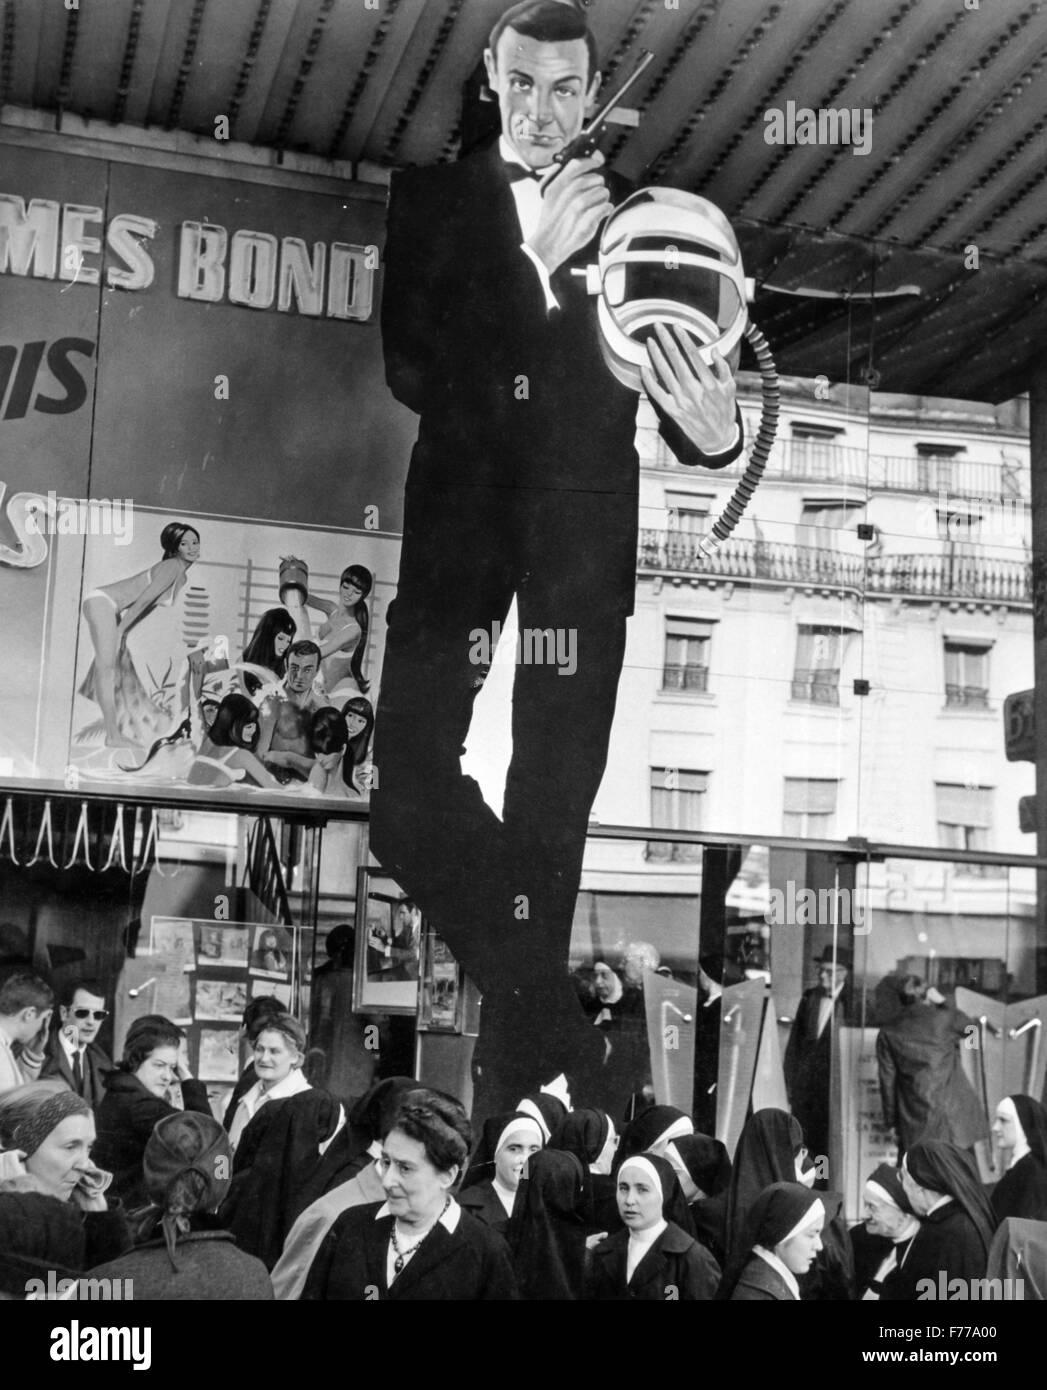 Affiche du film James Bond,Paris,France,1967 Photo Stock